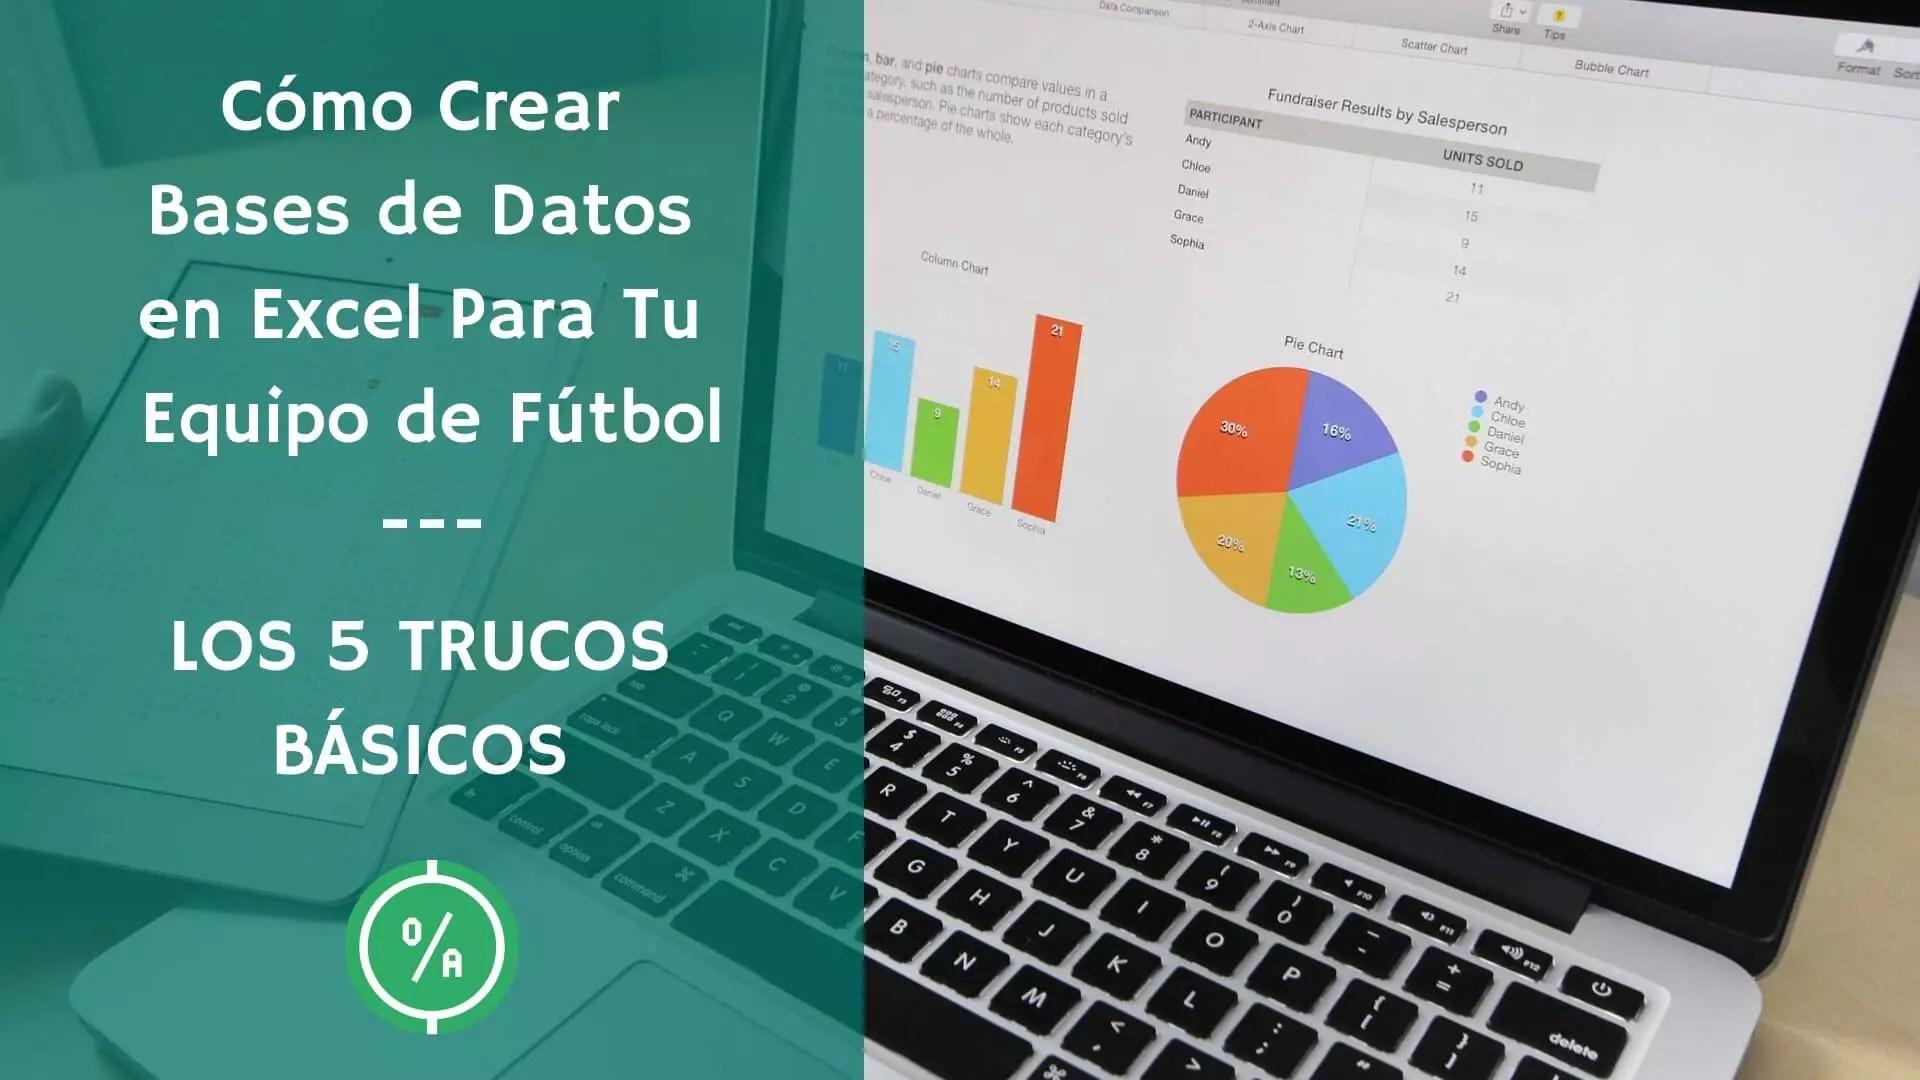 Los 5 trucos básicos para crear tu base de datos en Excel